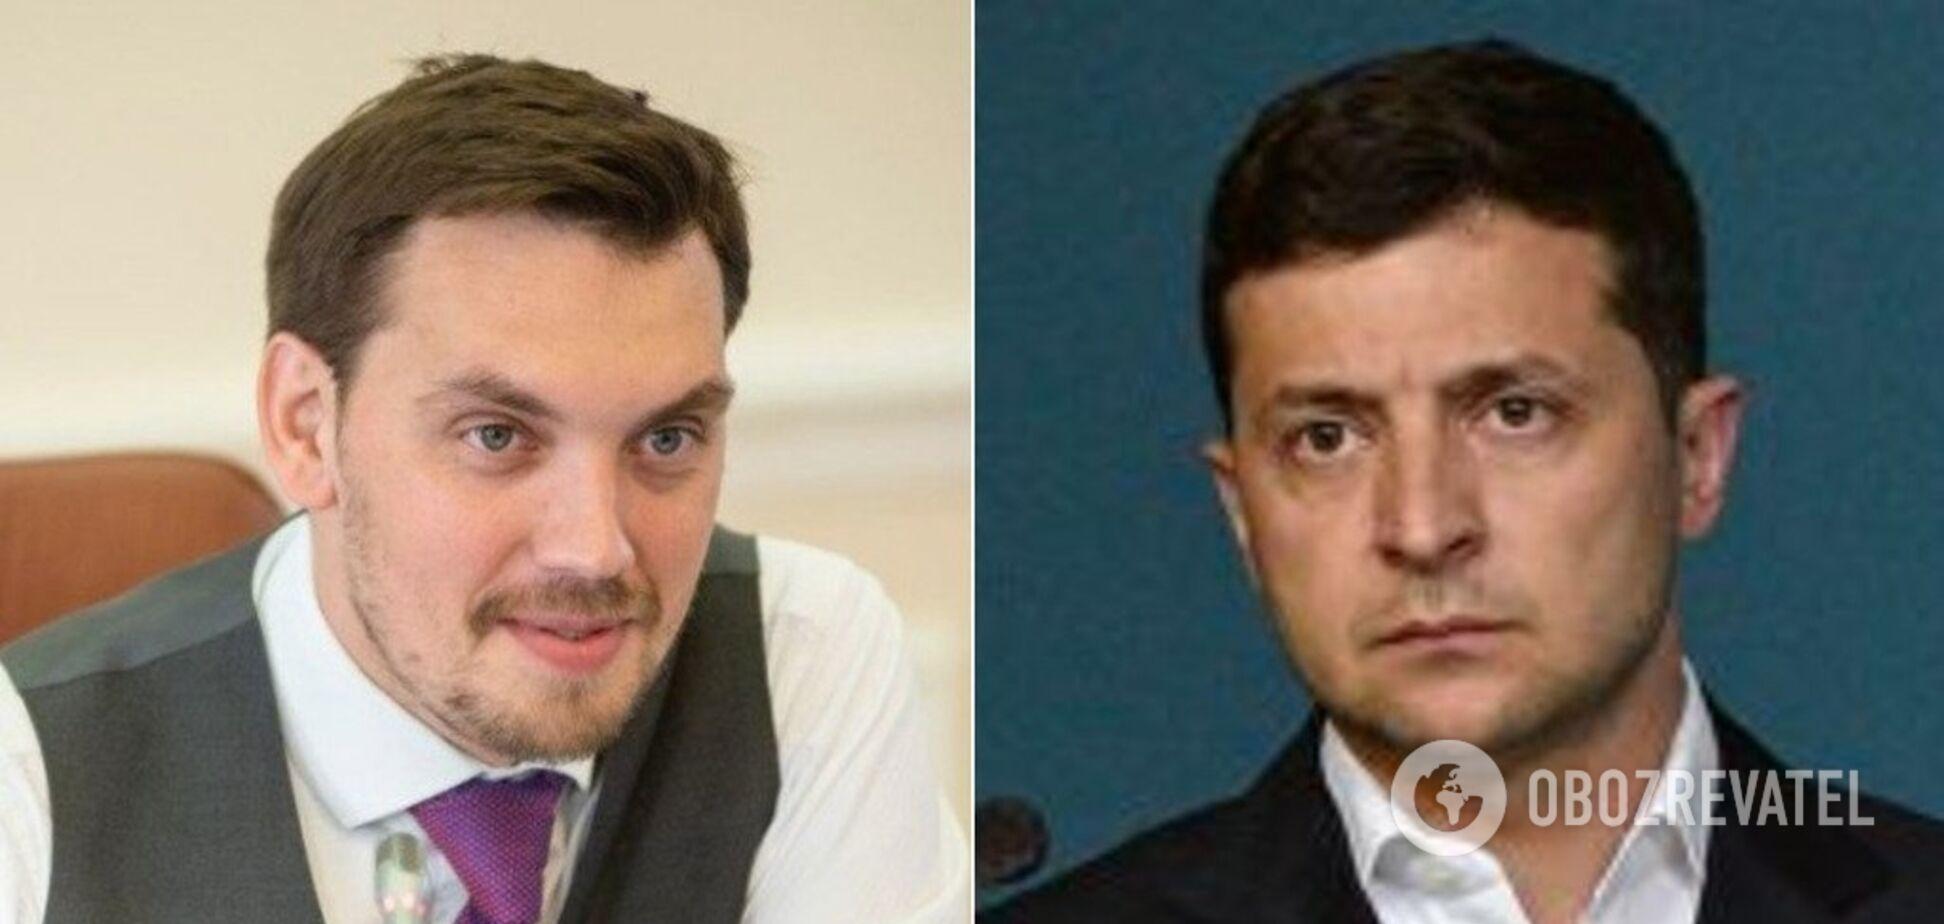 Зеленський 'один на один' розібрався з Гончаруком: Офіс президента опублікував відео